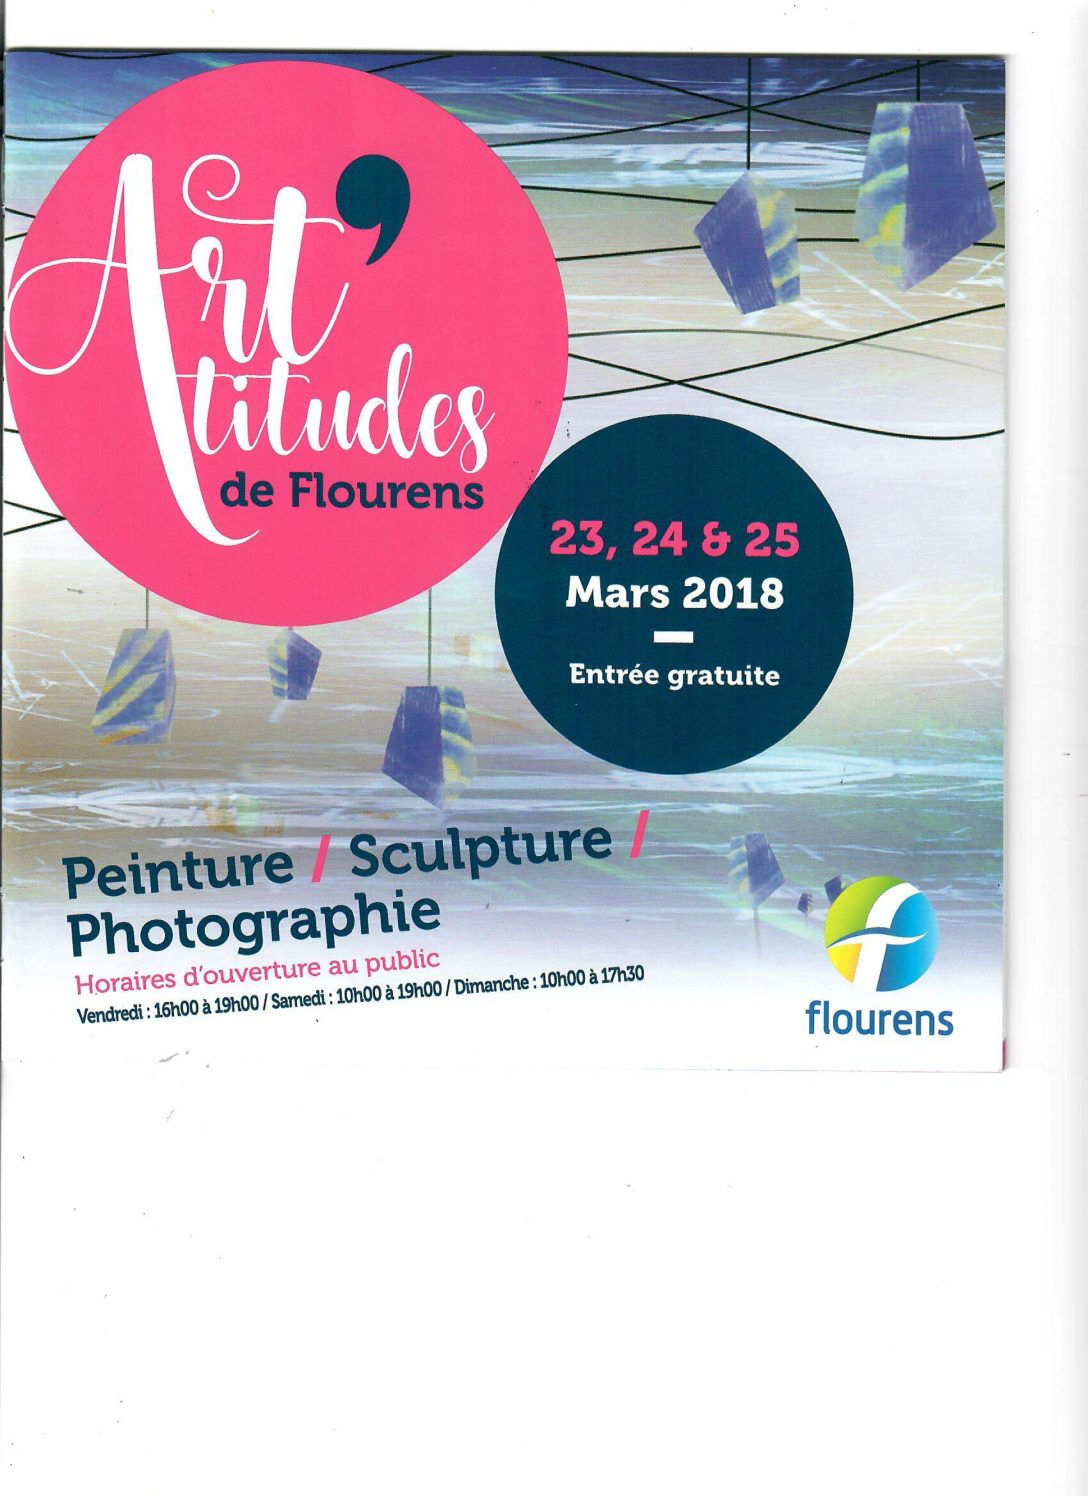 Mars 2018 : Les Art'titudes – Salon des Arts de Flourens (31)